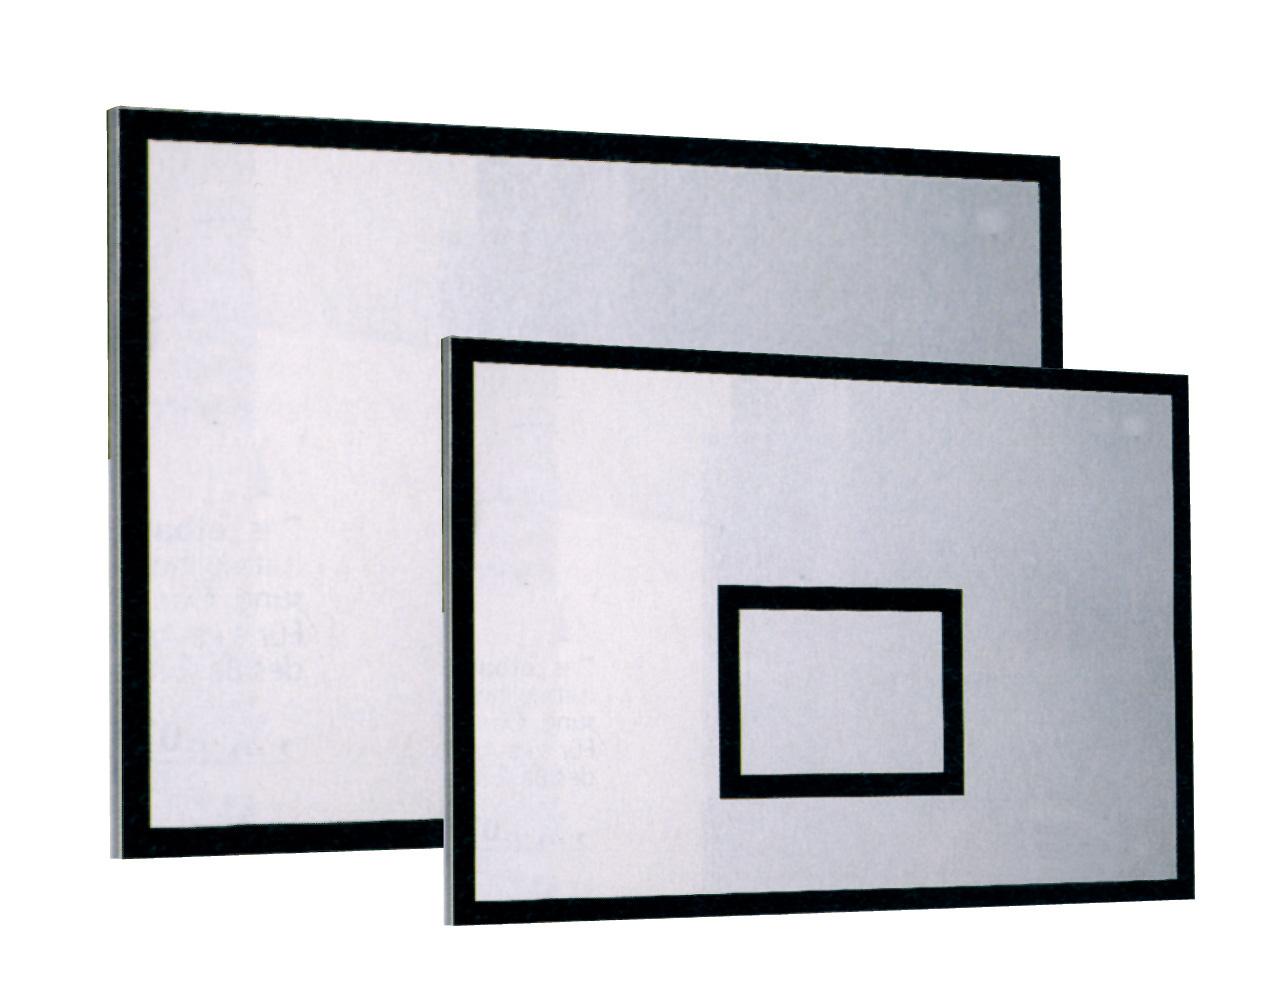 bc0900-52(1).jpg